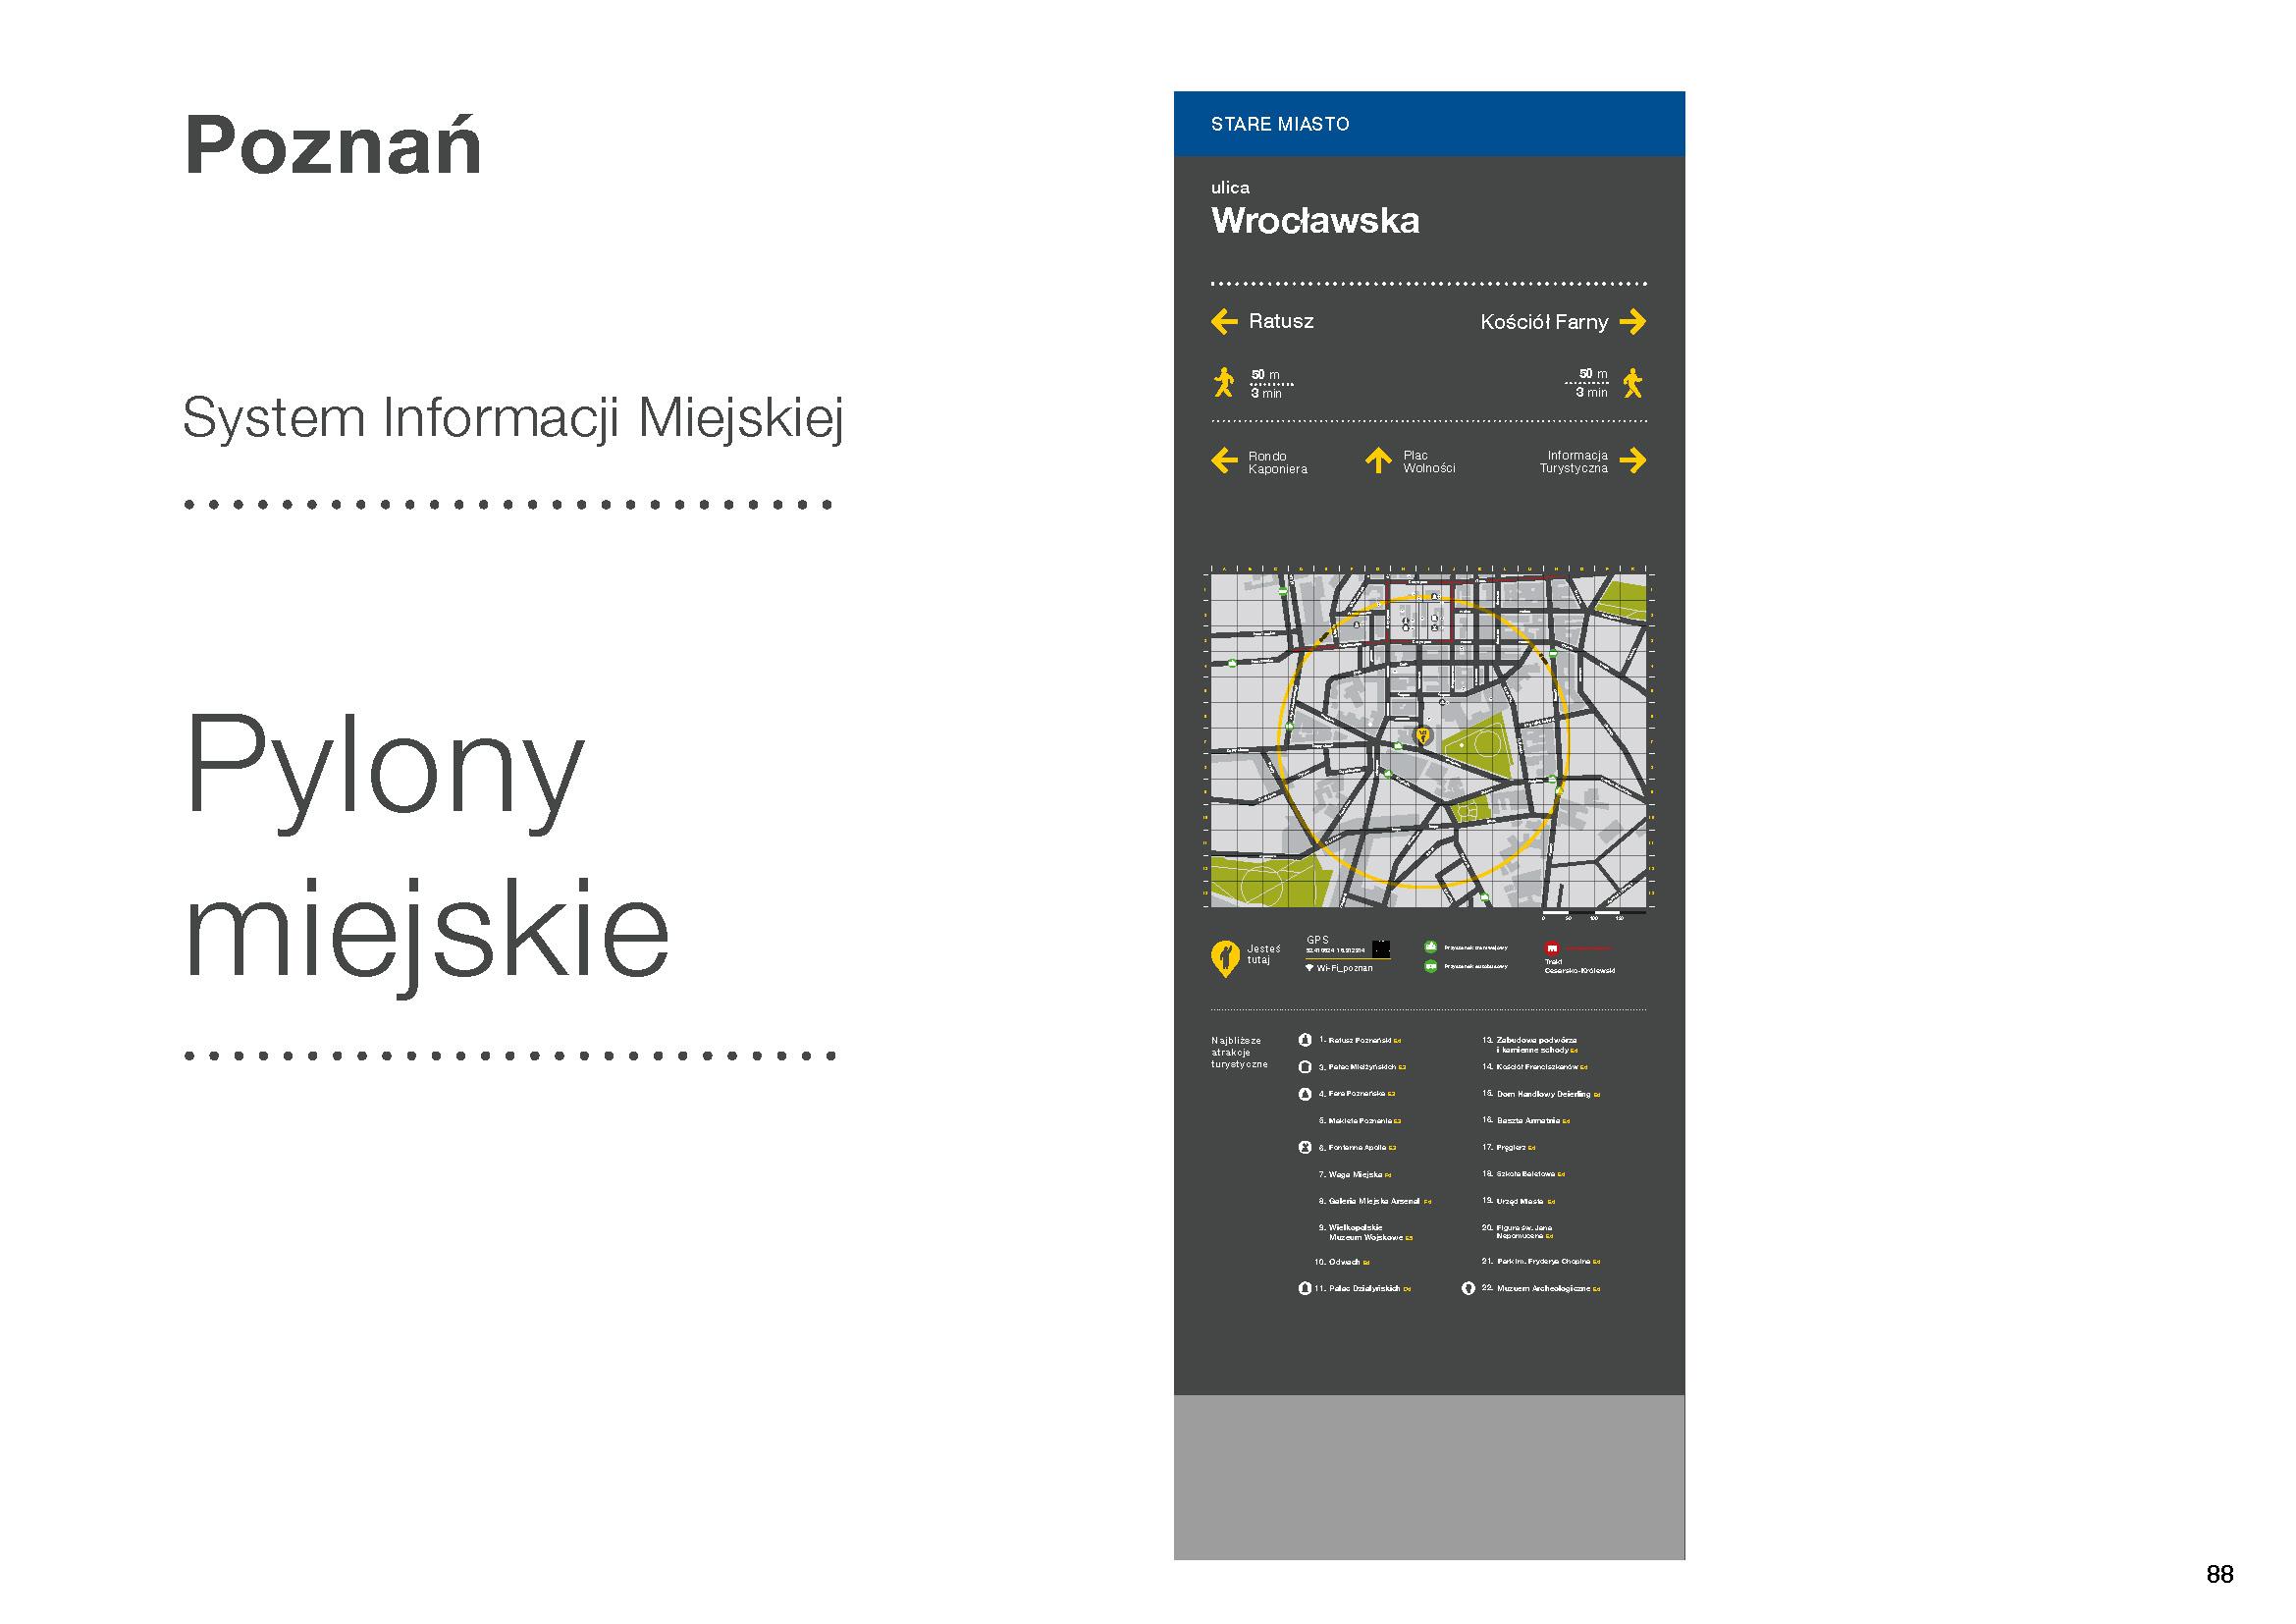 Poznań System Informacji Miejskiej (2)  Foto: